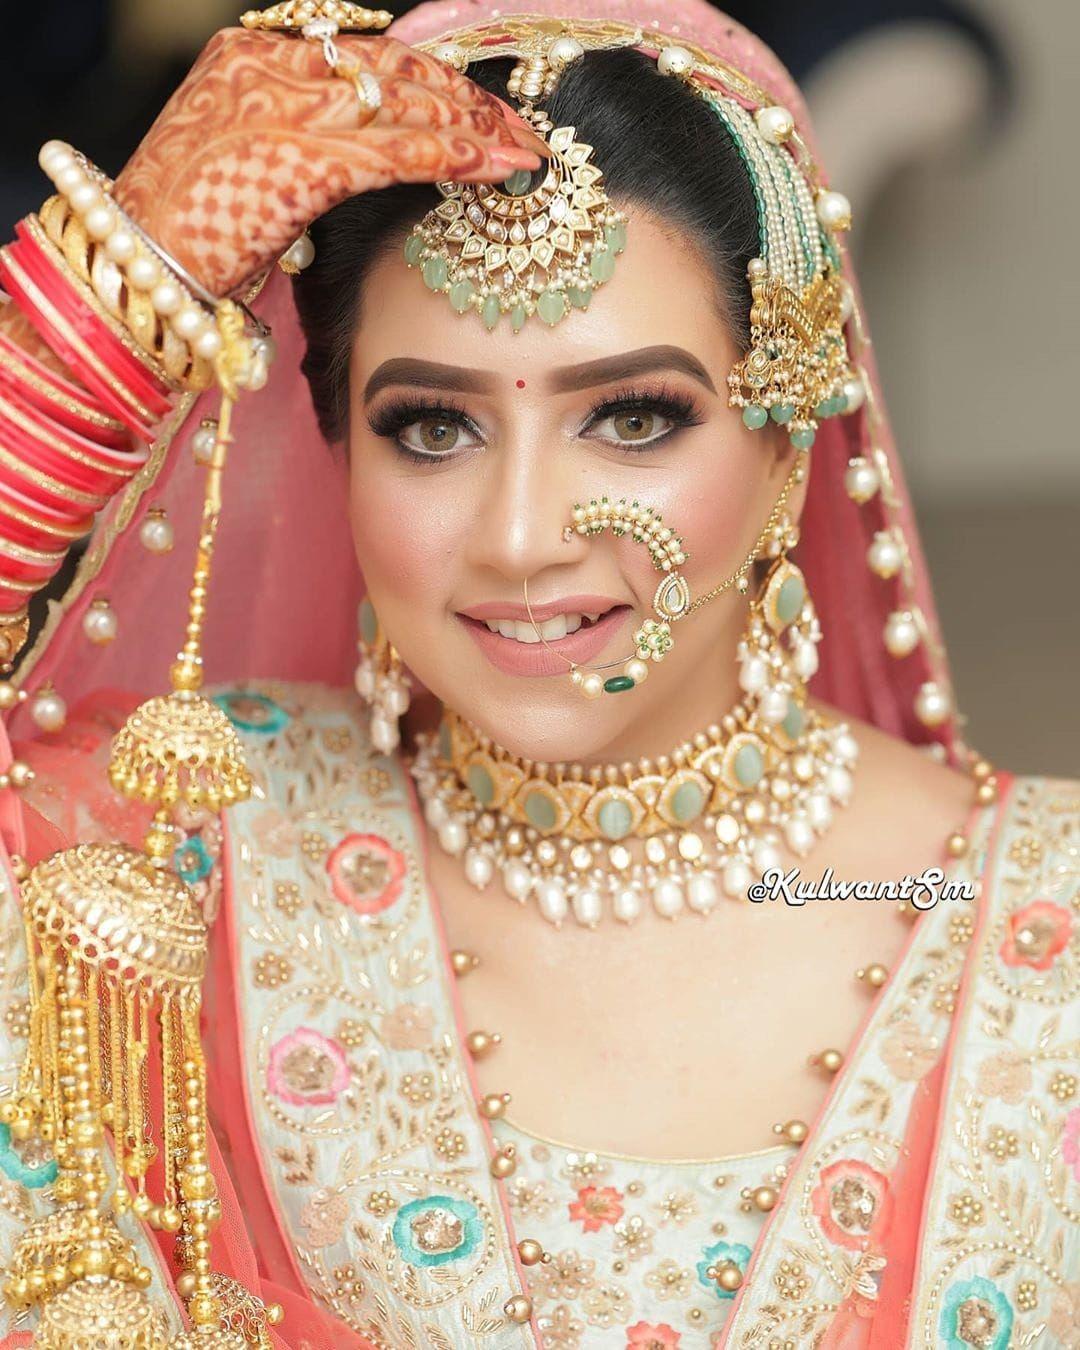 Indian Wedding Makeup Artists Indian Wedding Makeup Bridal Makeup Bridal Makeup Artist